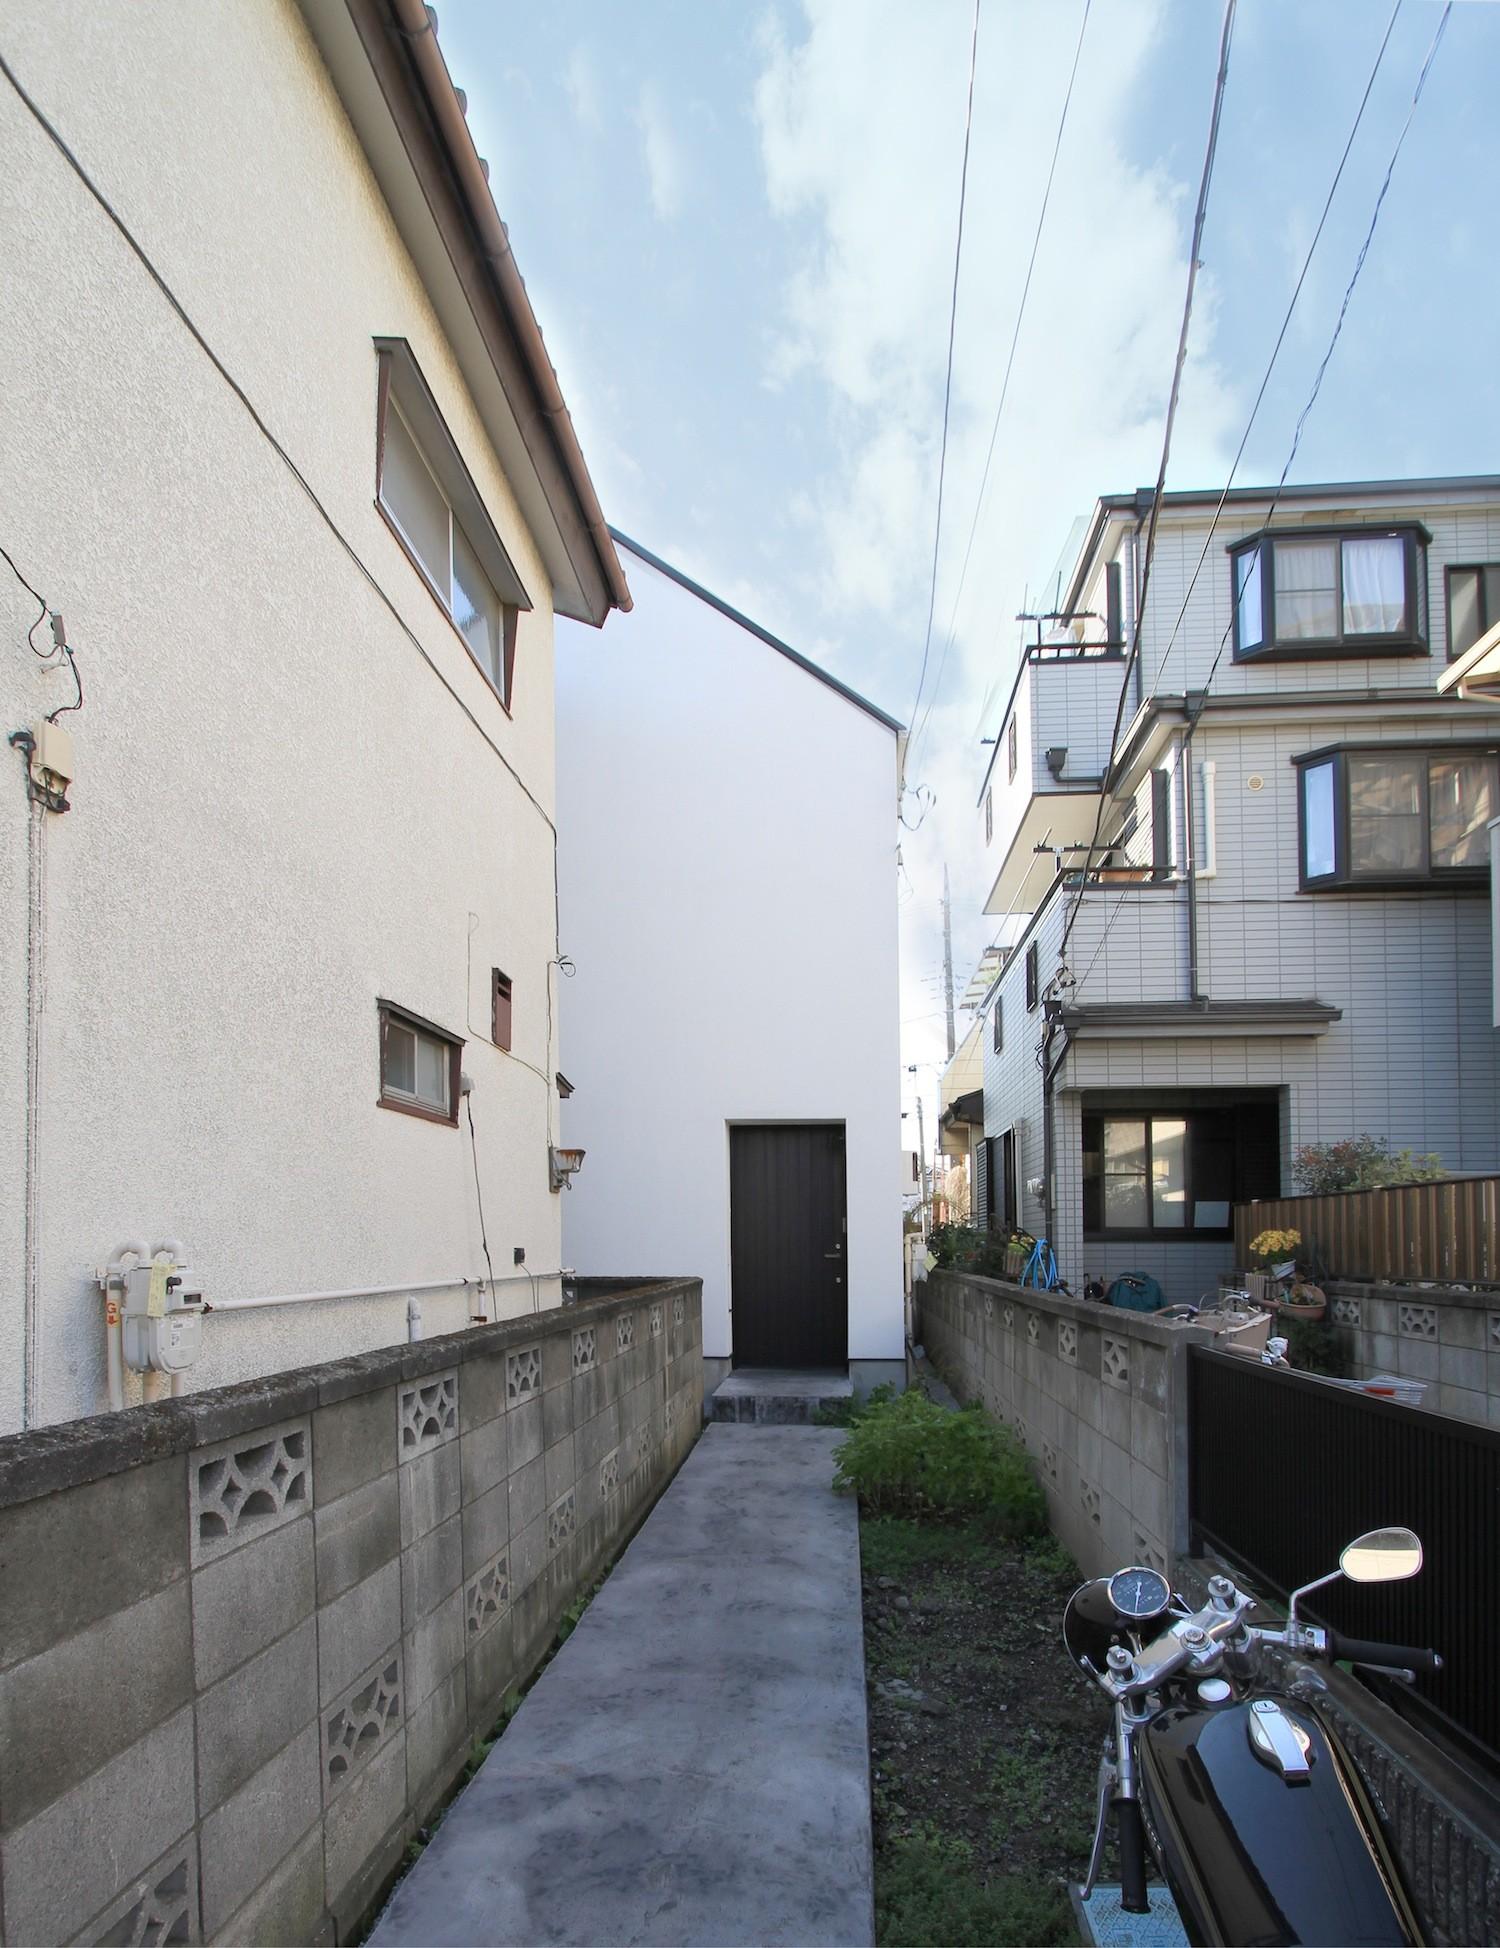 外観事例:旗竿敷地での外観(さいたまの旗竿敷地の家 OUCHI-21)